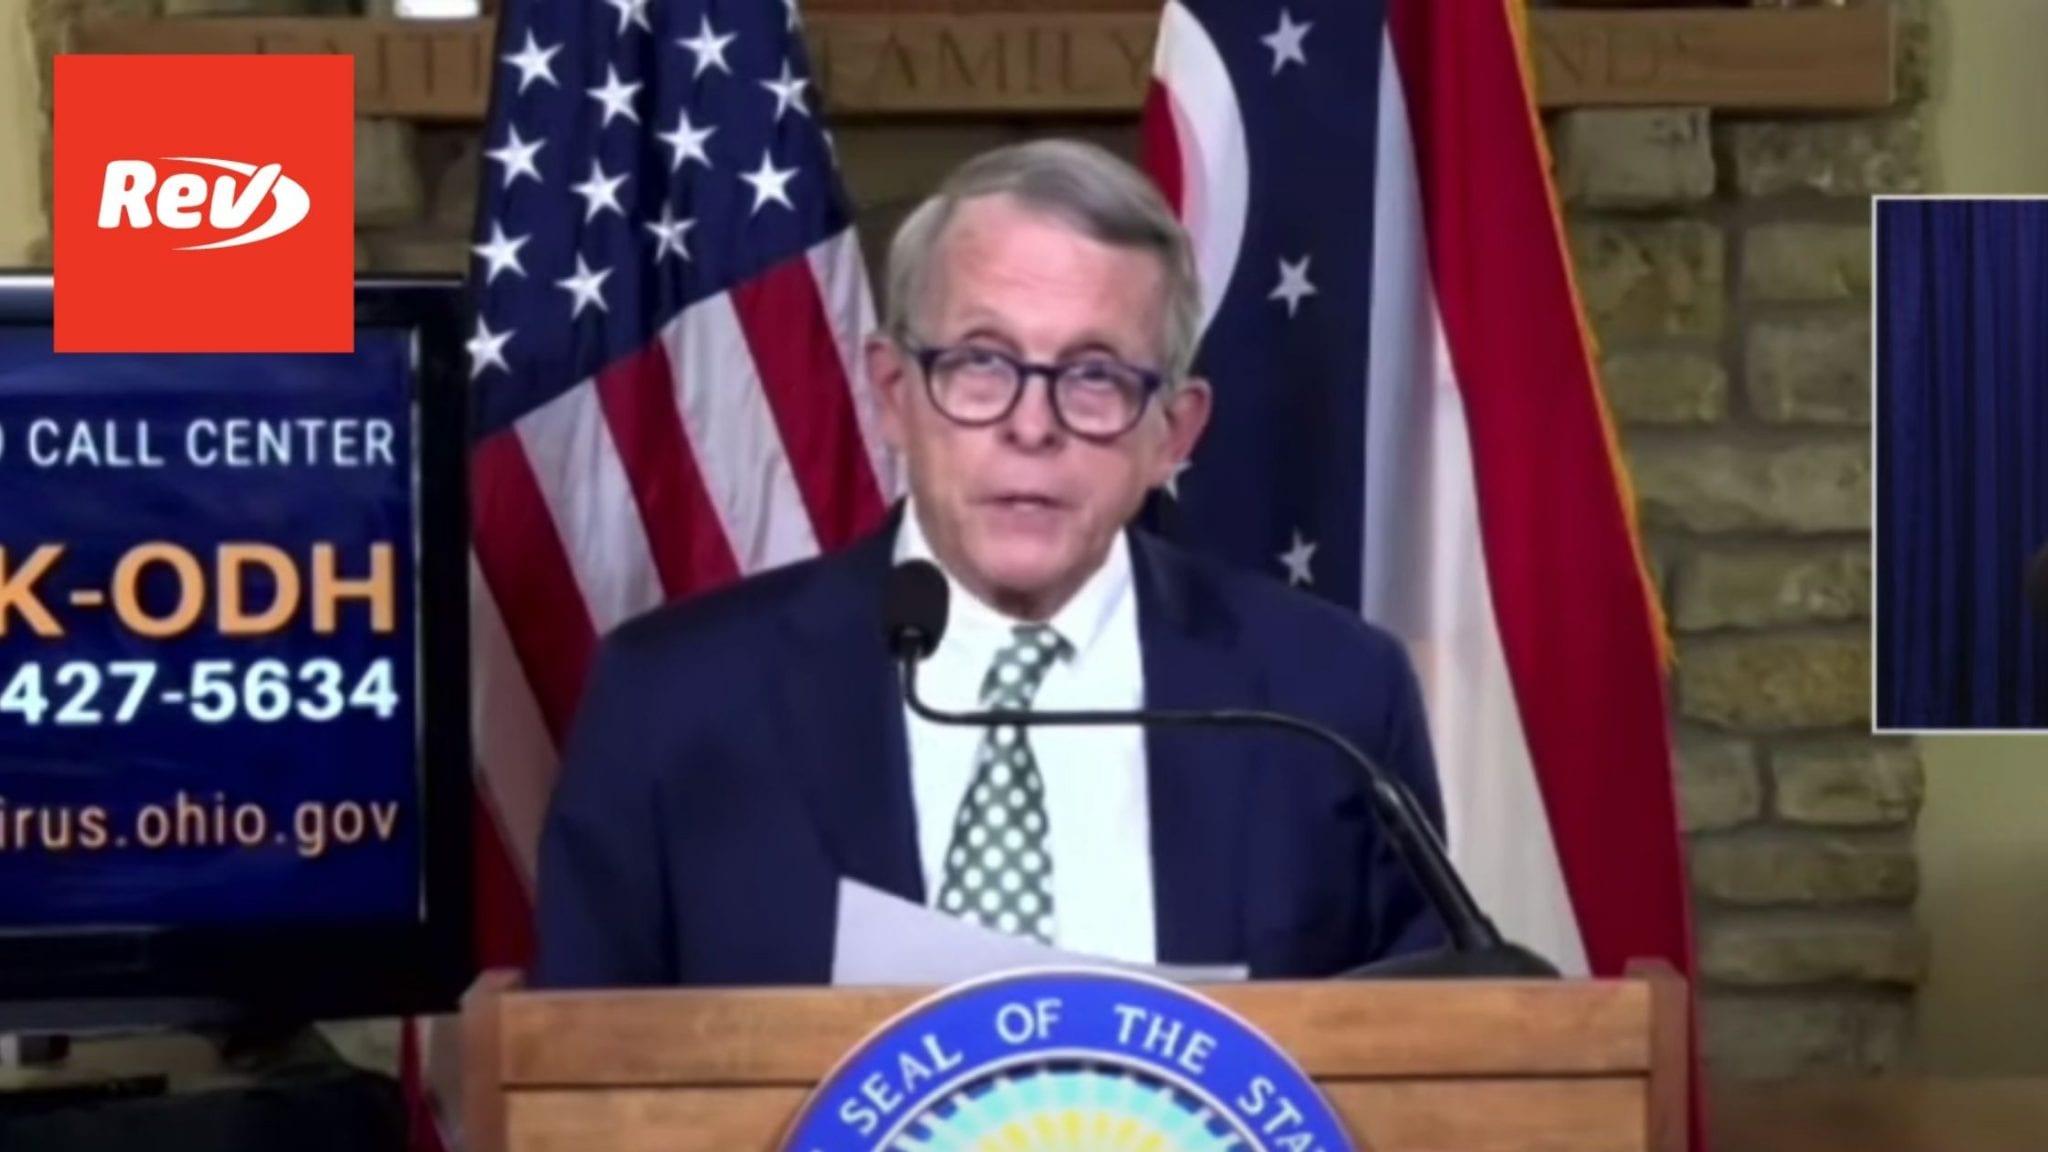 Ohio Gov. Mike DeWine COVID-19 Press Conference Transcript December 17